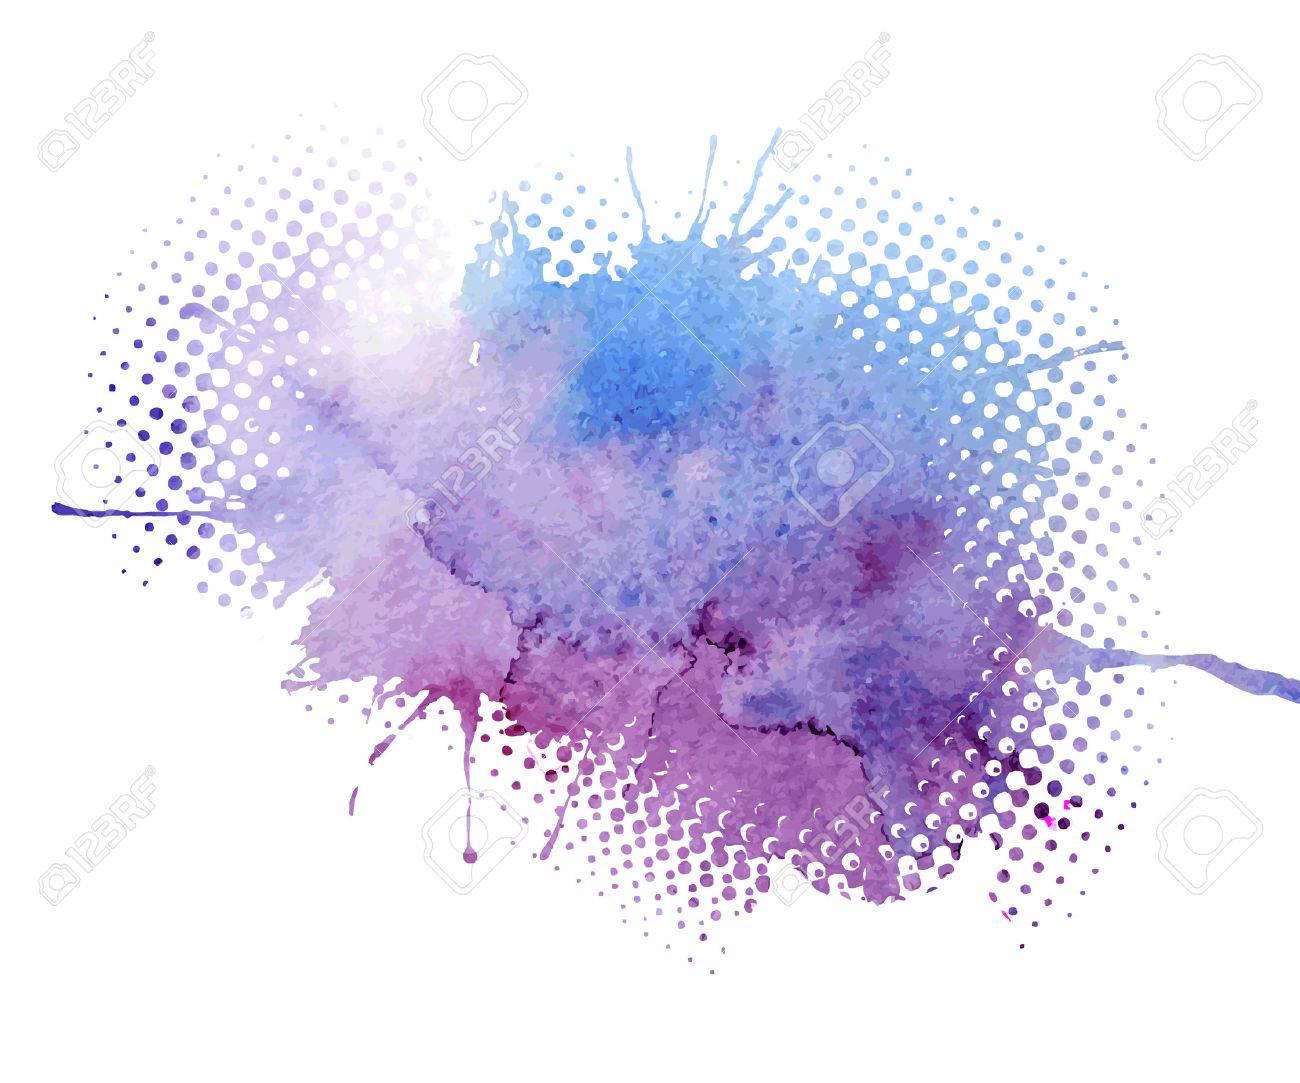 Abstract watercolor splash. Watercolor drop. - 41817350